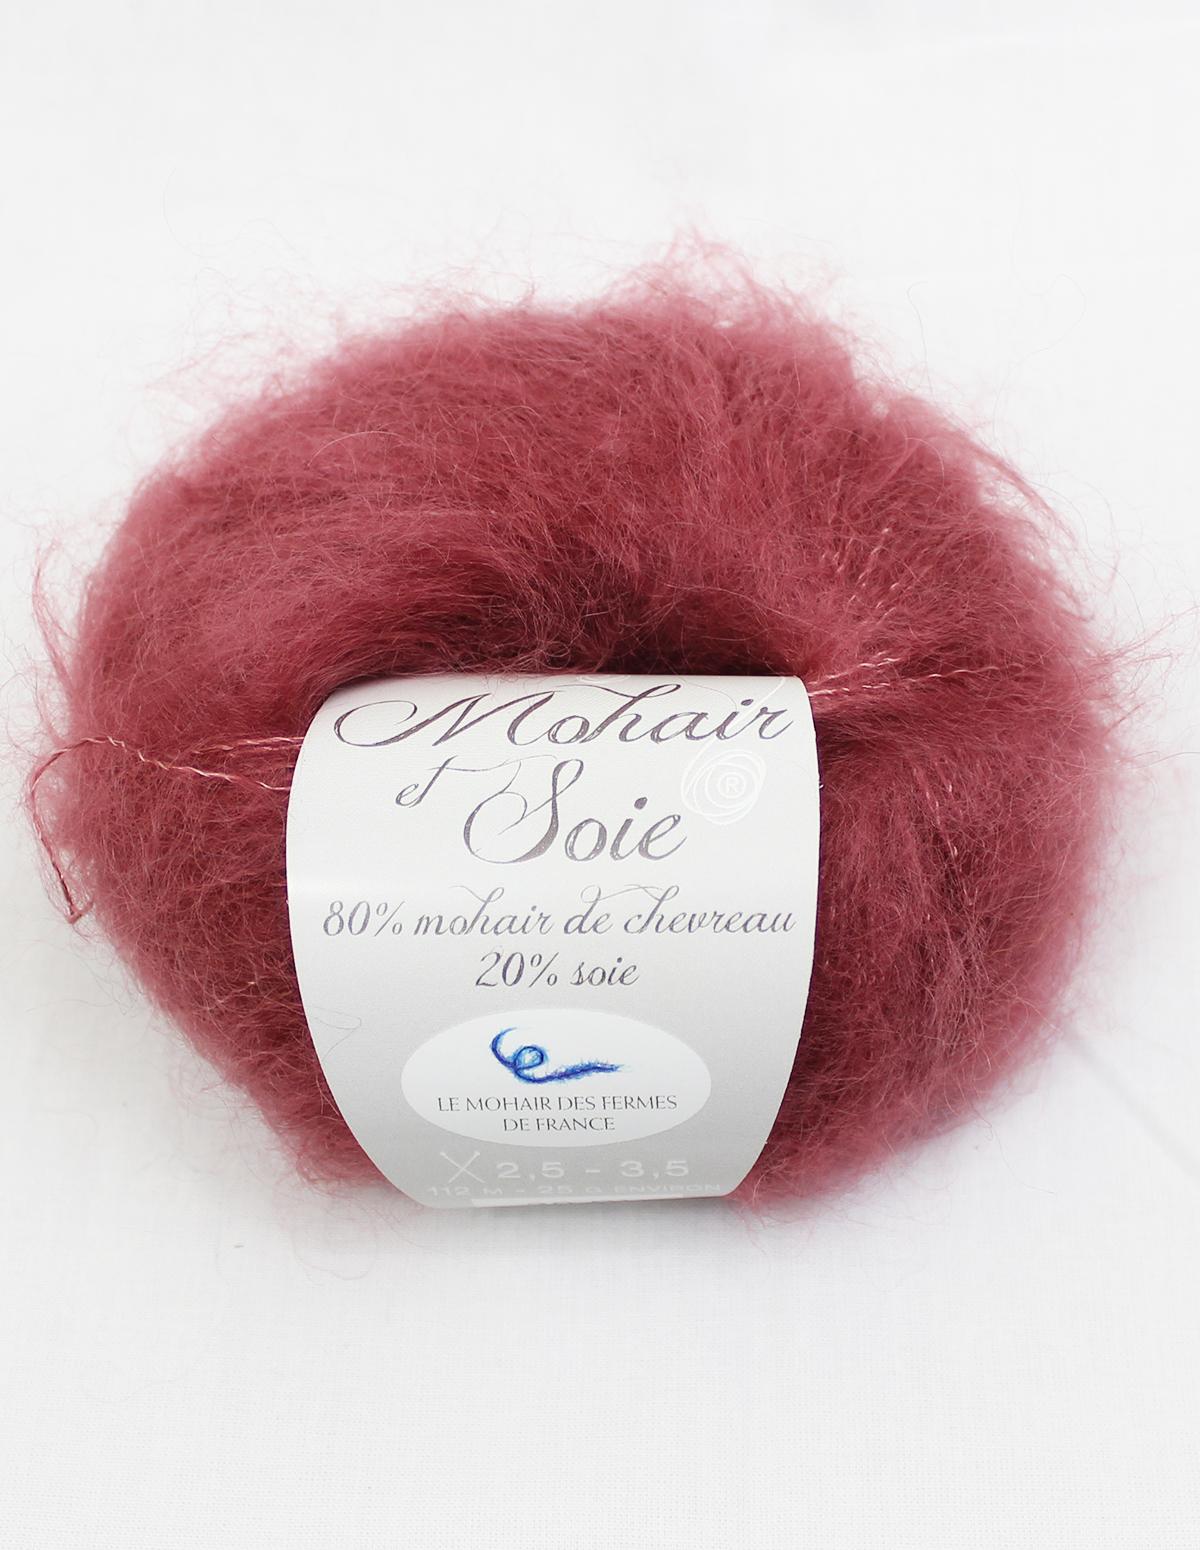 Pelote-Mohair-et-Soie-BOIS-DE-ROSE-Une-Ferme-a-la-Bassette